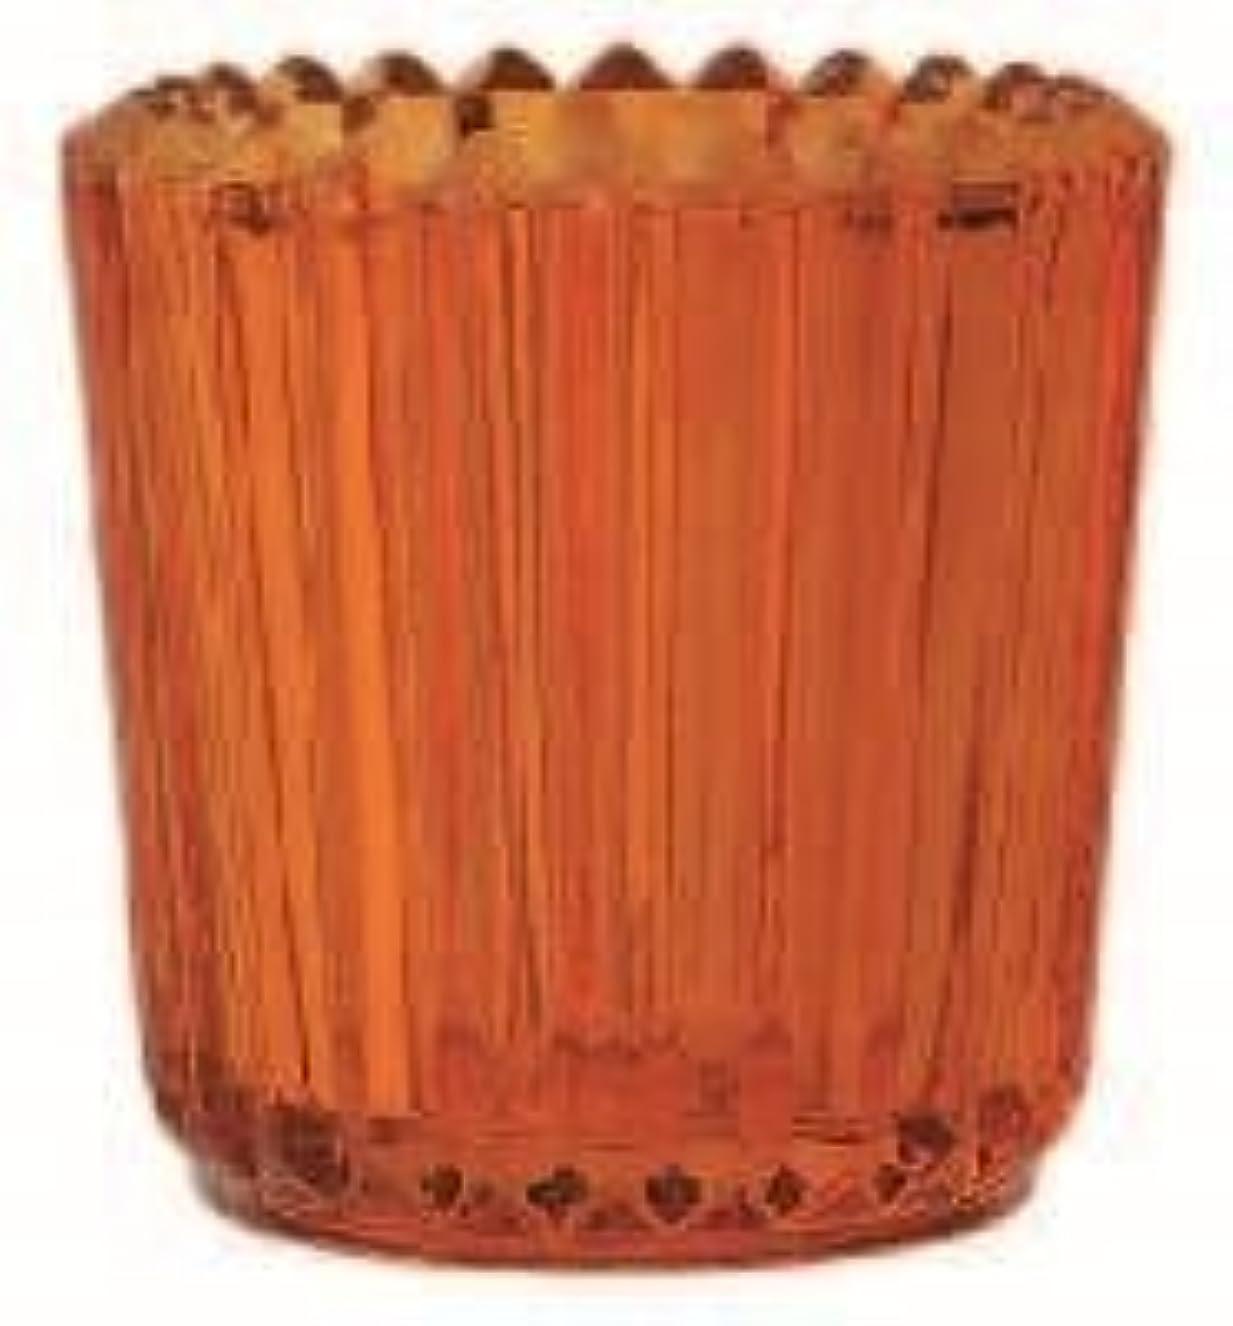 調子広範囲トランペットkameyama candle(カメヤマキャンドル) ソレイユ 「 オレンジ 」(J5120000OR)